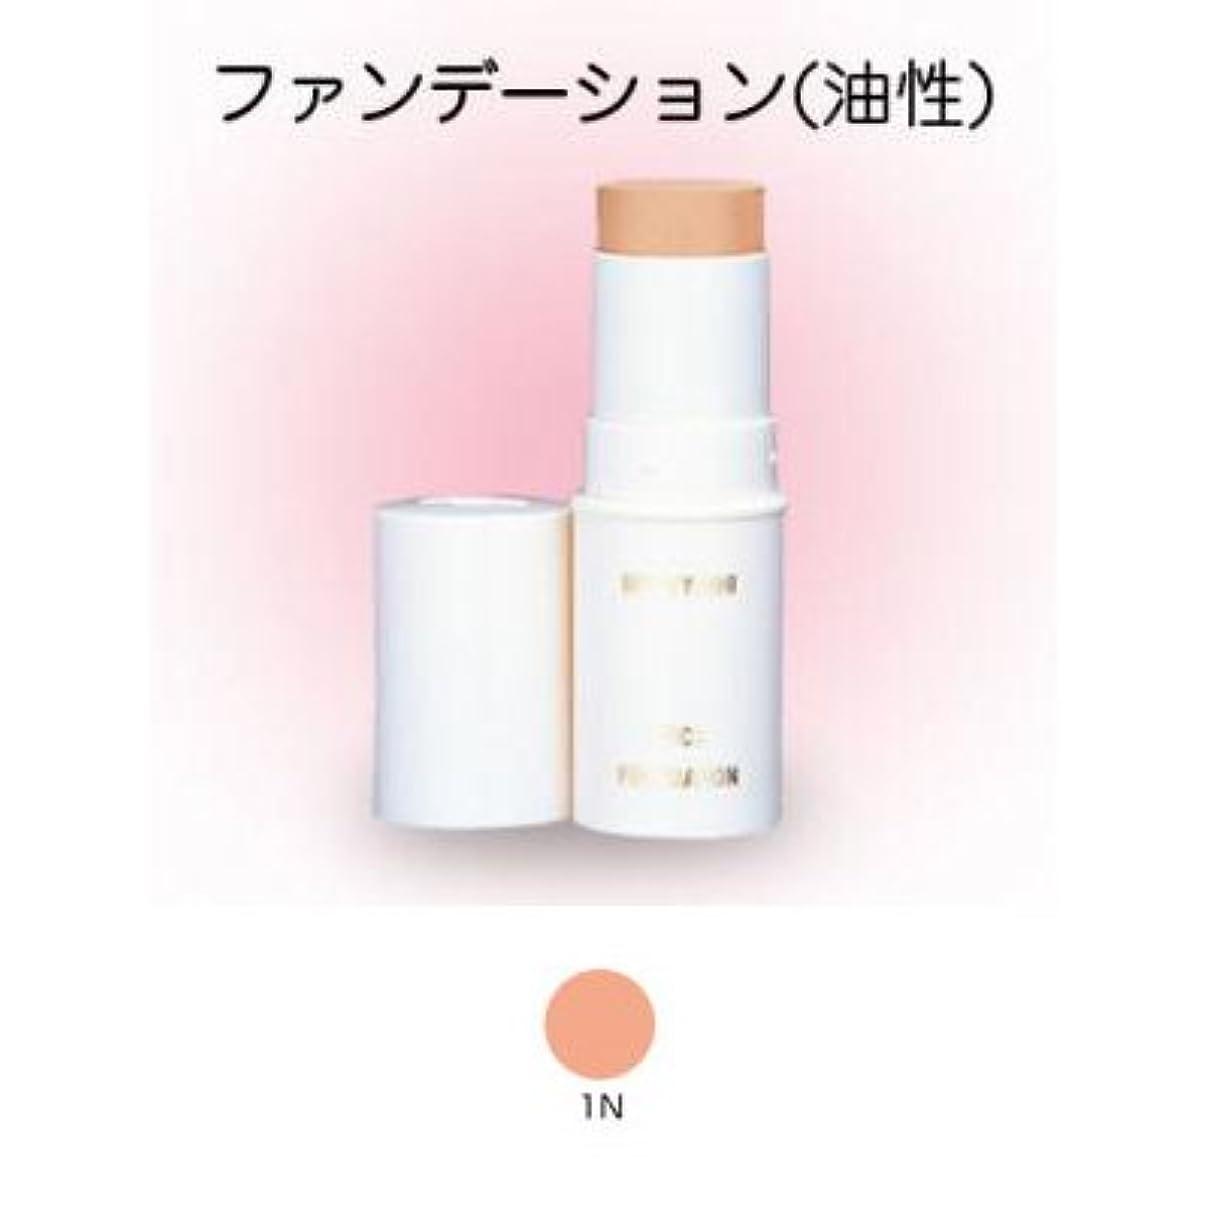 ギャザーボックス蒸スティックファンデーション 16g 1N 【三善】